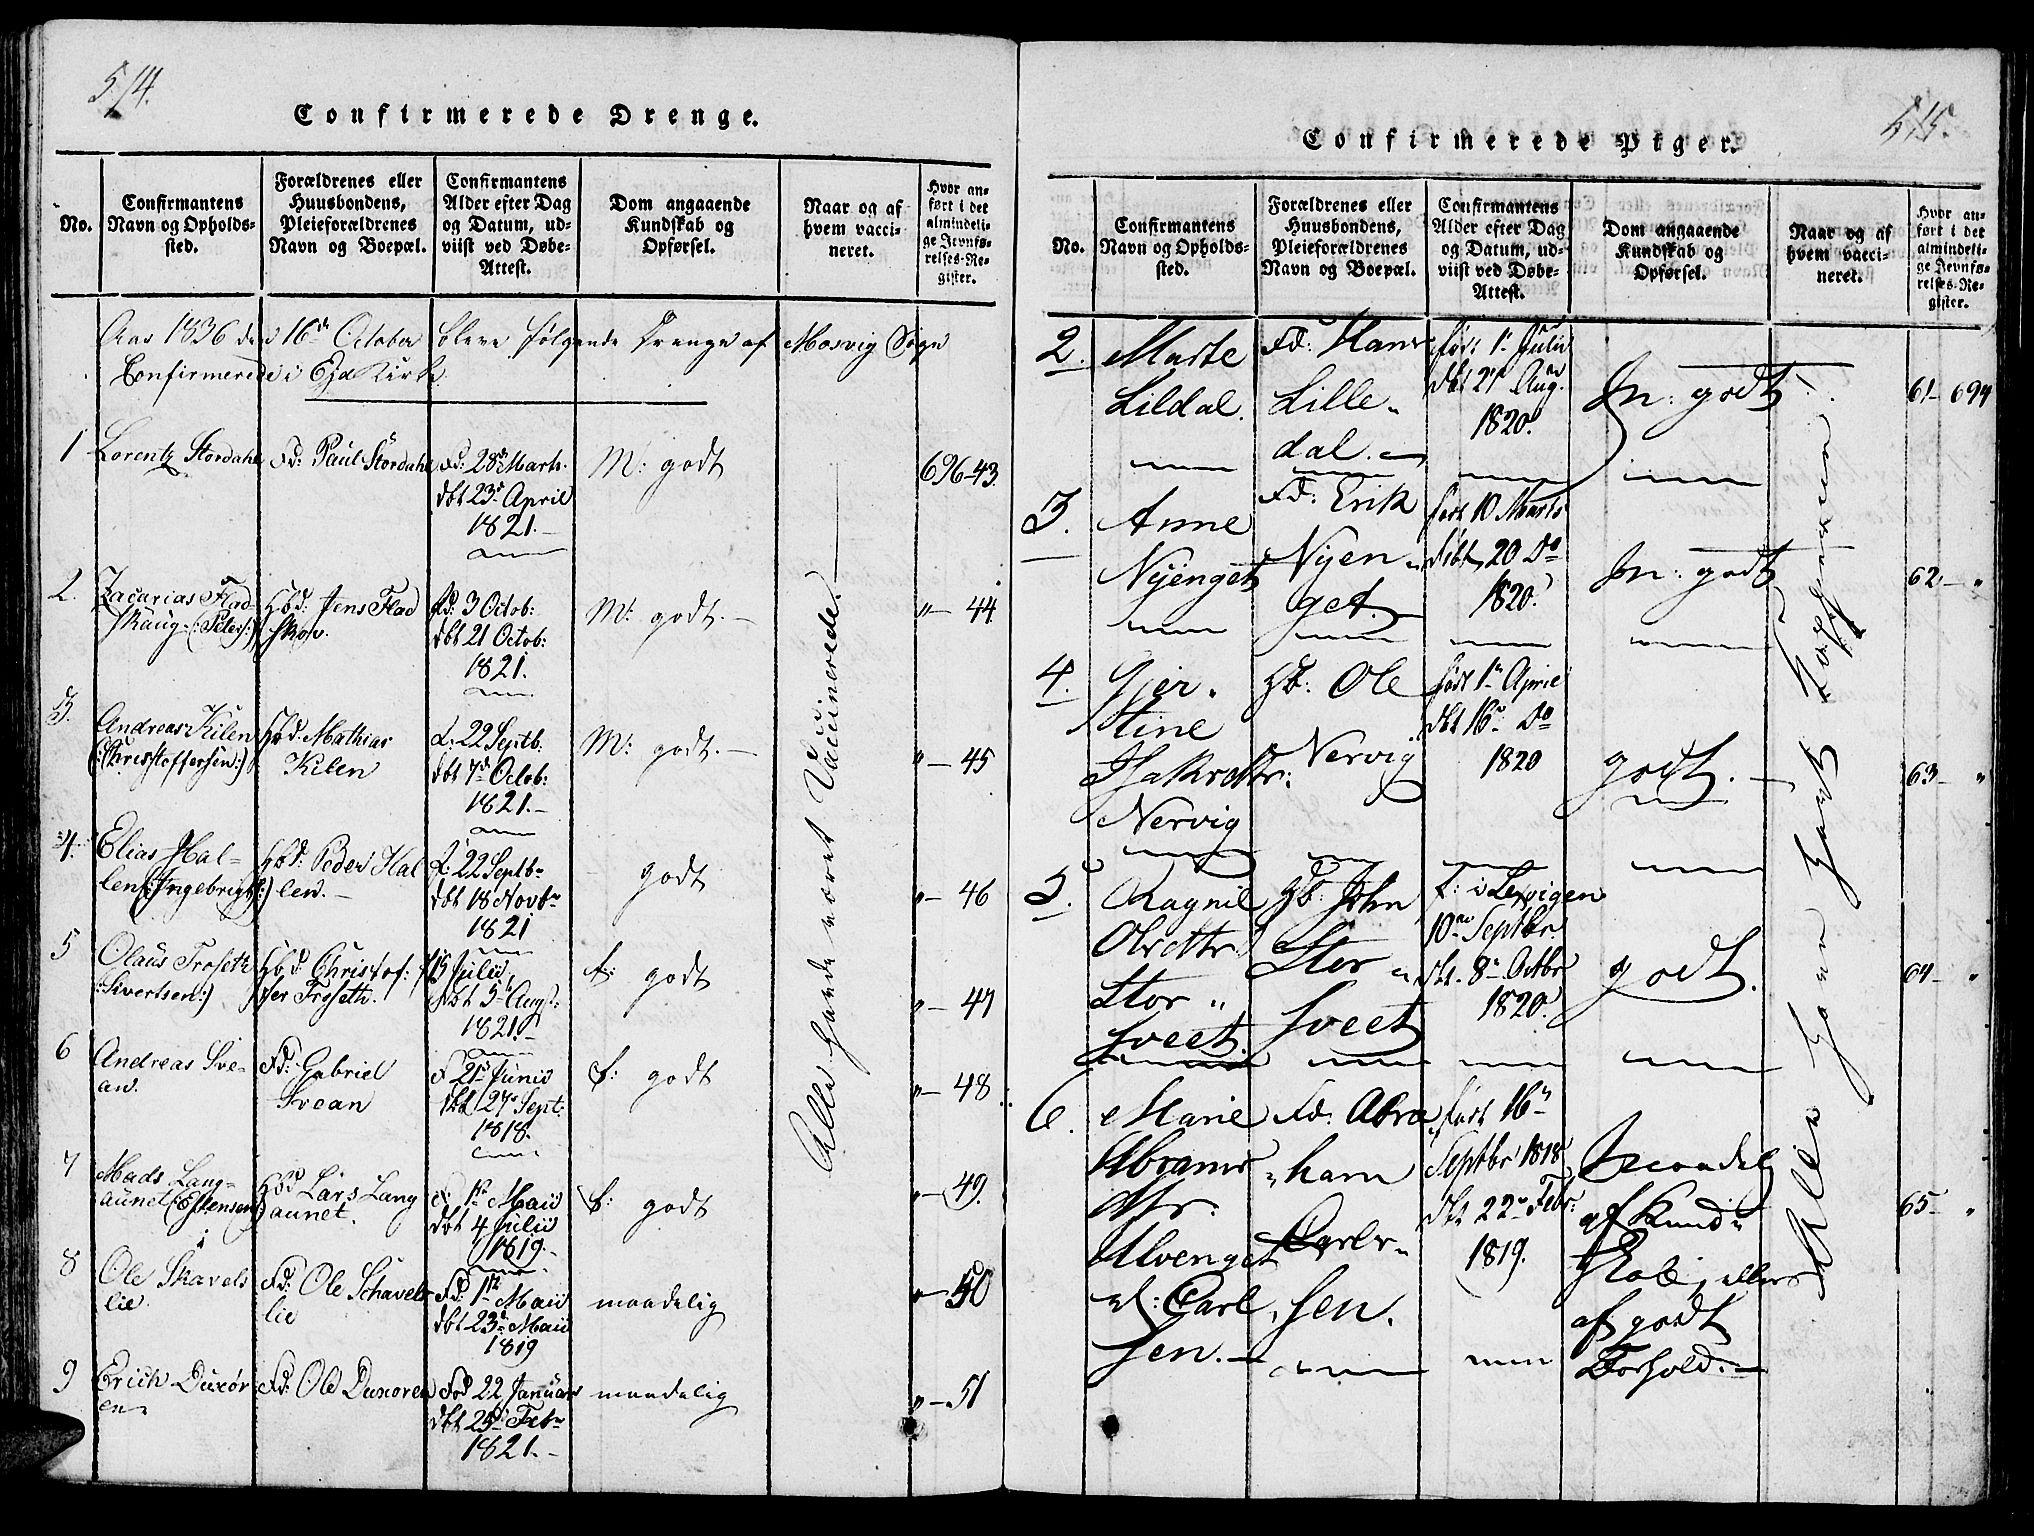 SAT, Ministerialprotokoller, klokkerbøker og fødselsregistre - Nord-Trøndelag, 733/L0322: Ministerialbok nr. 733A01, 1817-1842, s. 514-515